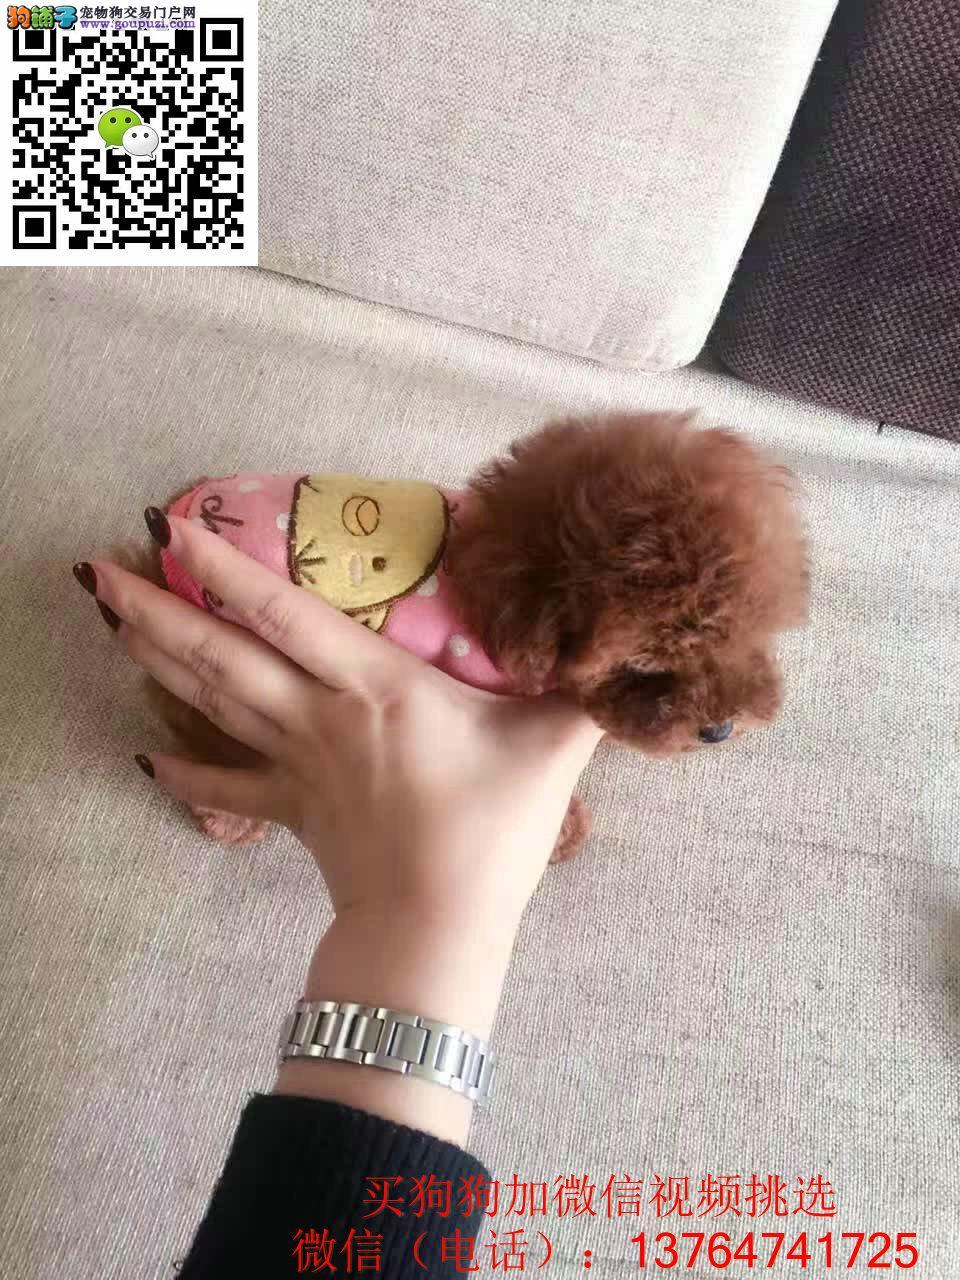 珠海贵宾犬出售珠海哪卖贵宾犬保证健康纯正